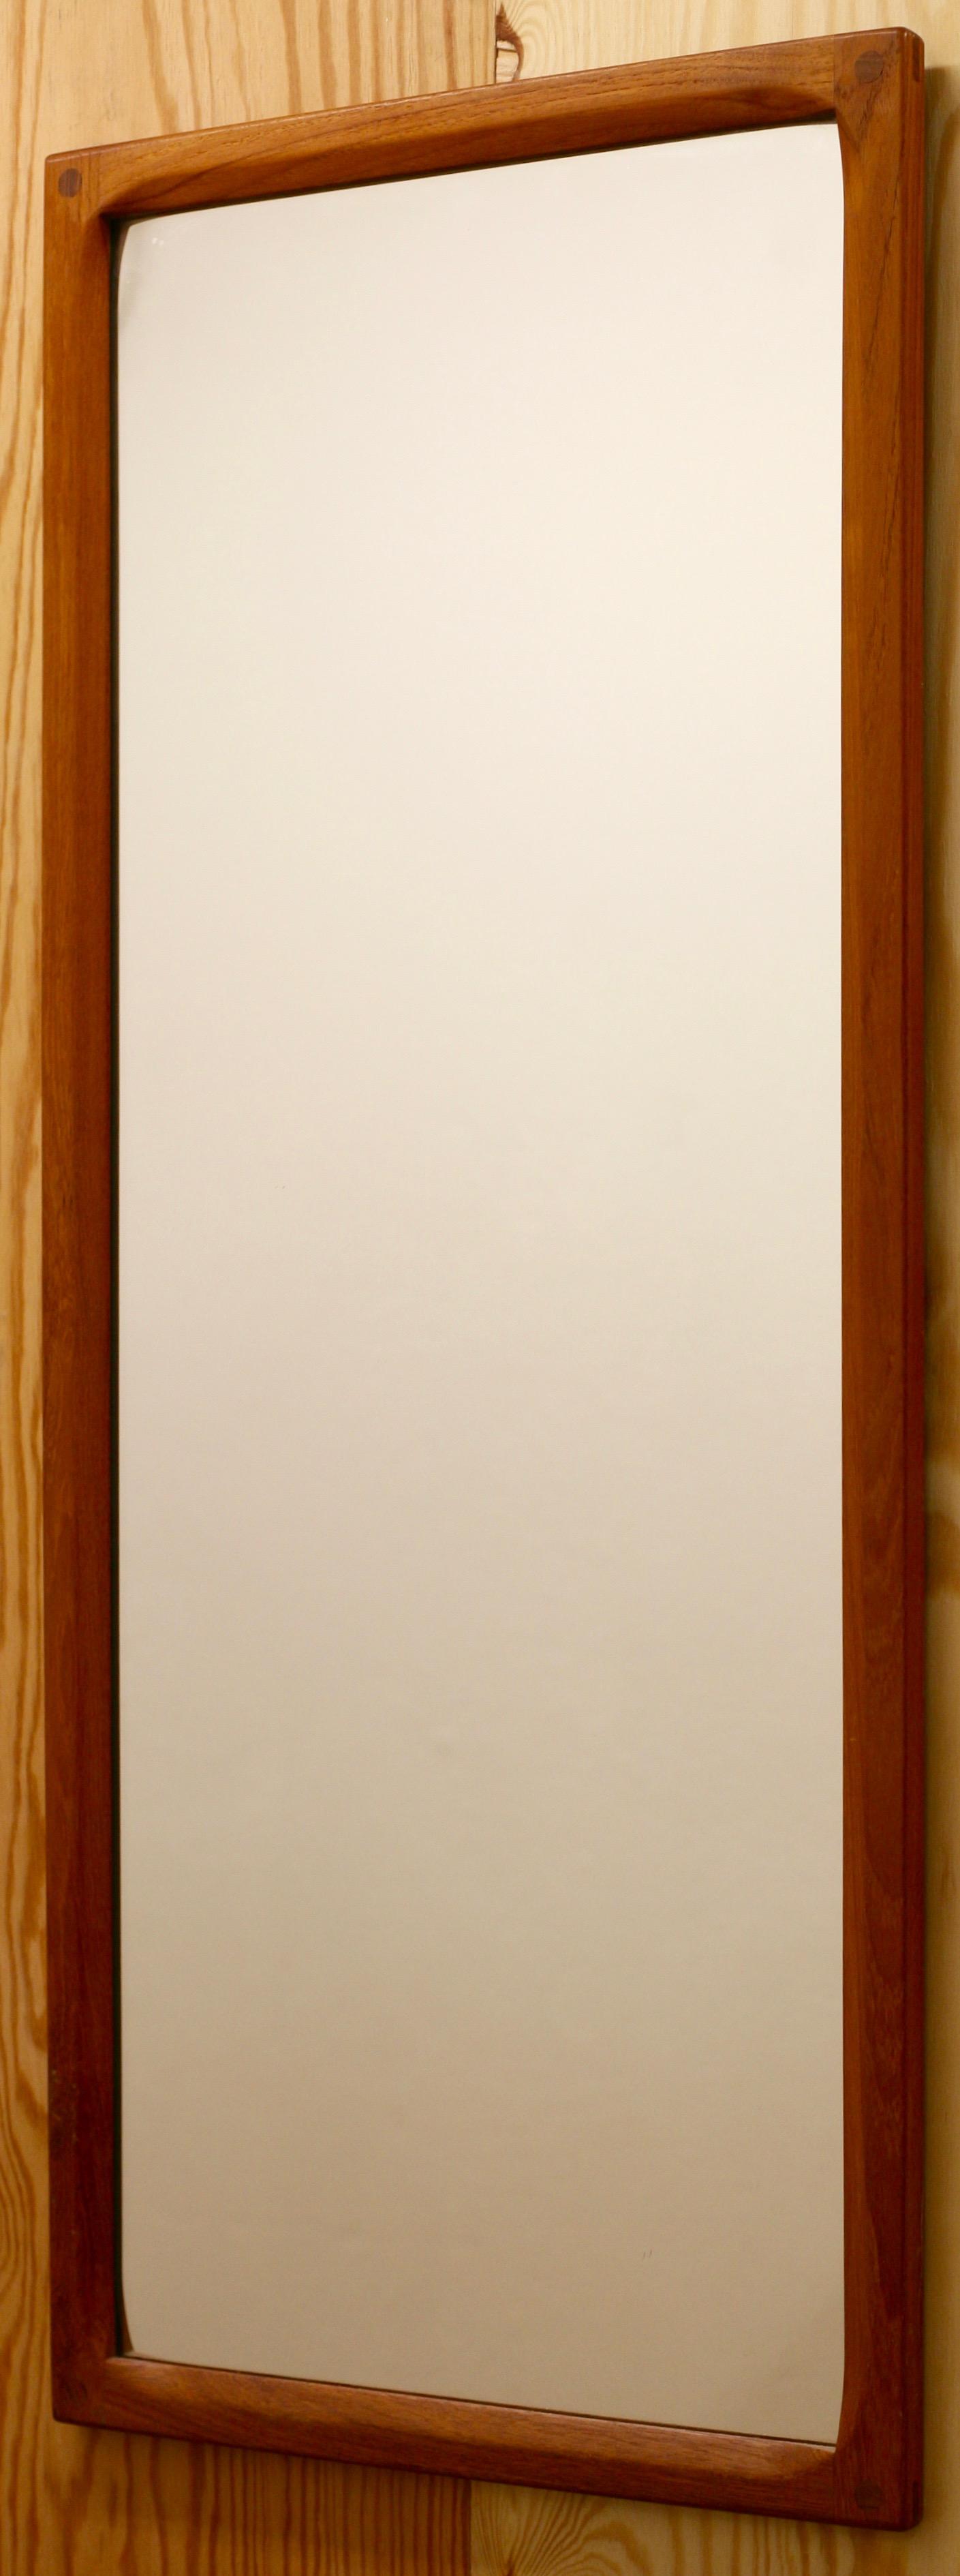 Aksel Kjersgaard - Mirror, model nr 165, teak